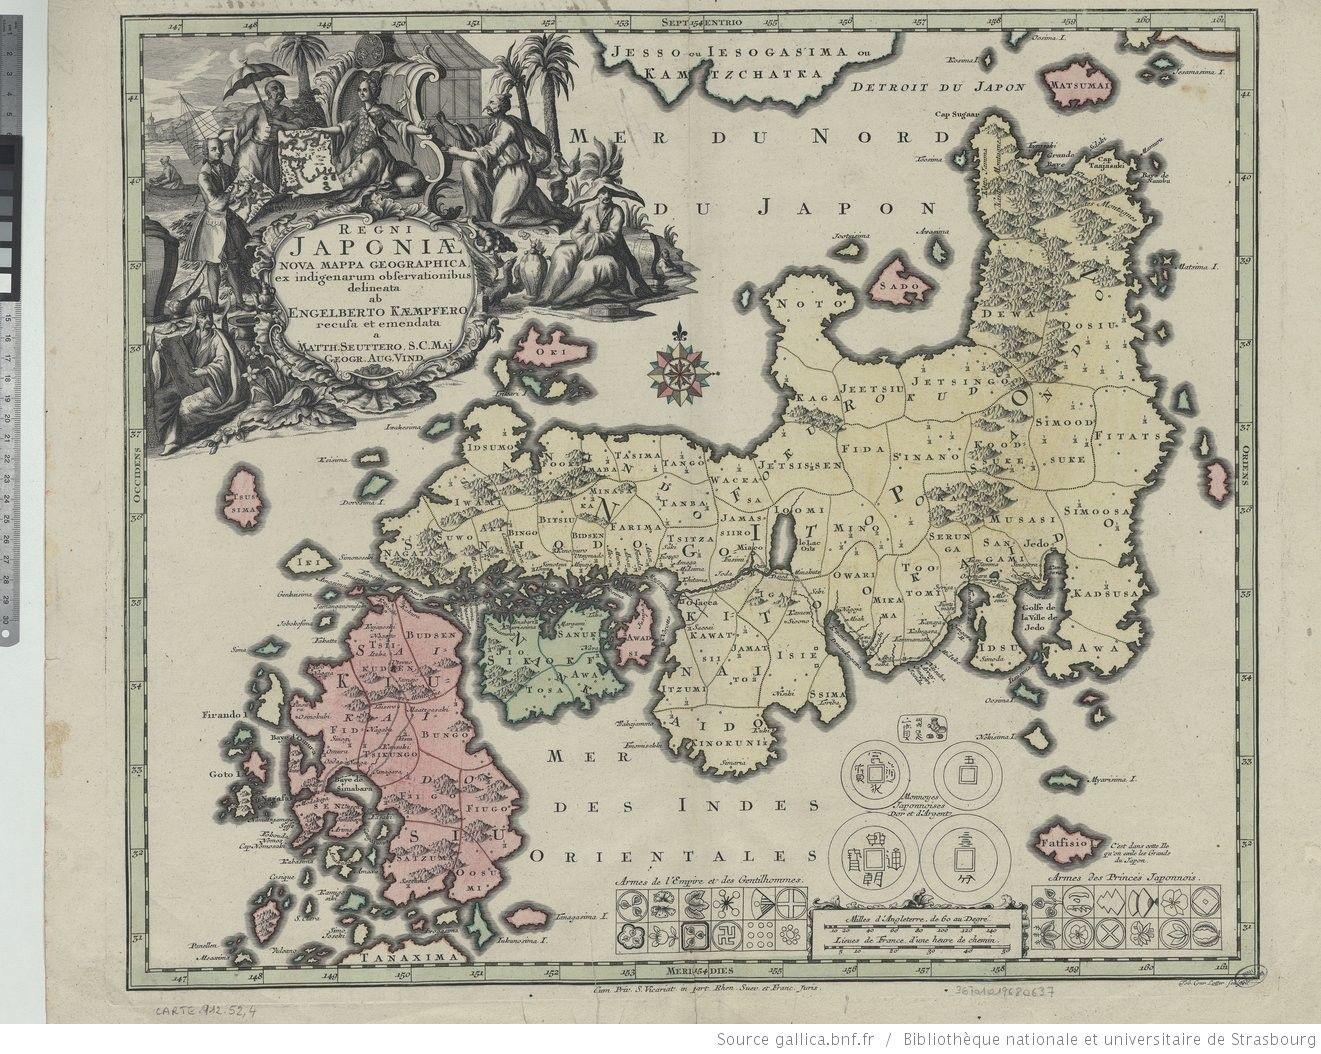 Regni Japoniae nova mappa geographica , ex indigenarum observationibus delineata ab Engelberto Kaempfero recusa et emendata a Matth.…